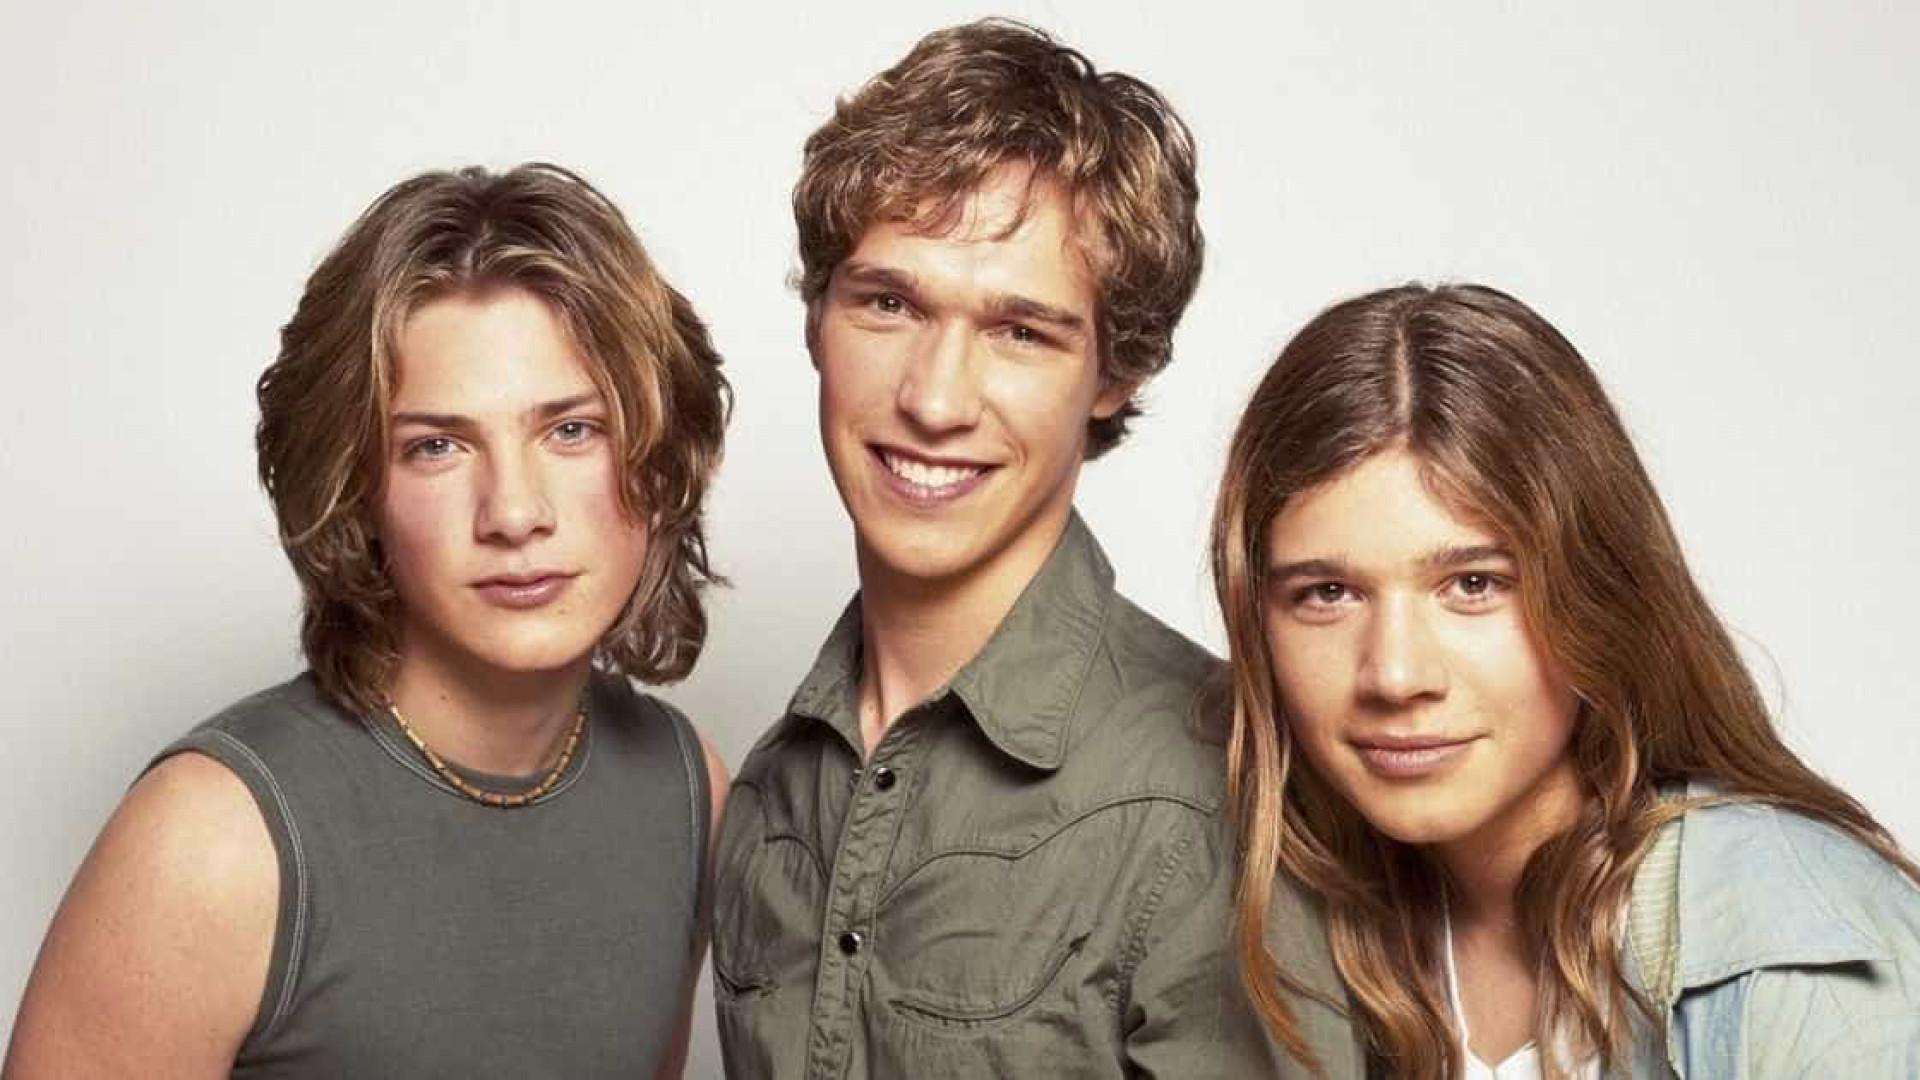 Irmãos Hanson detonam músicas Justin Bieber: 'Doenças venéreas'